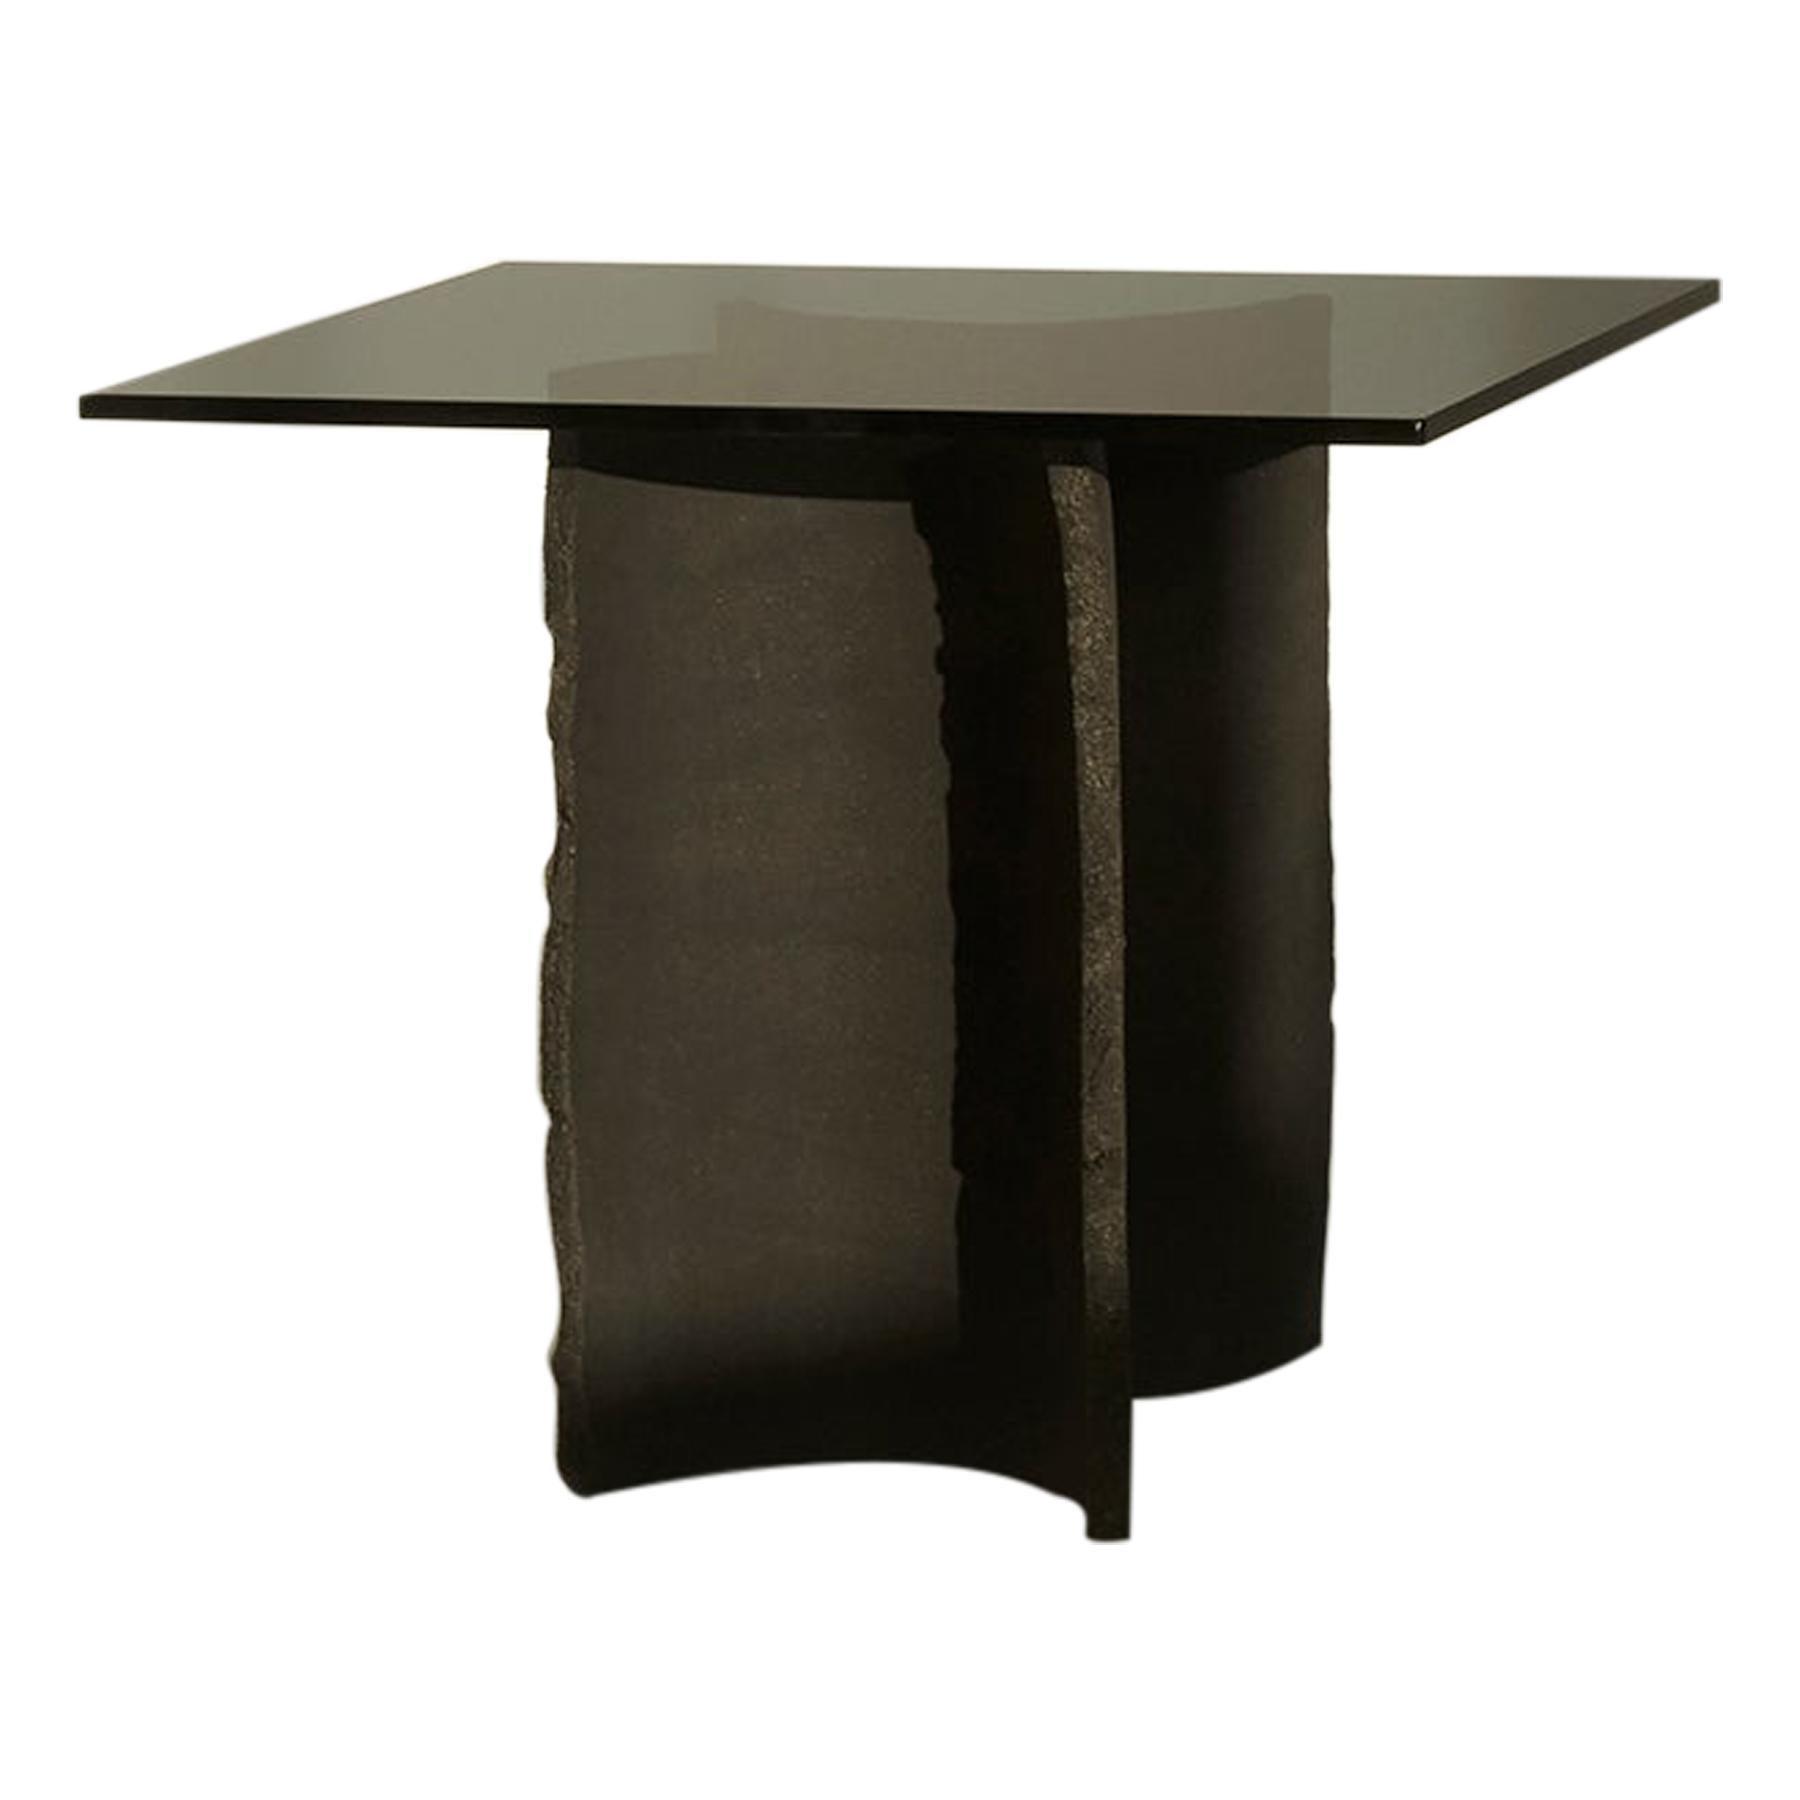 Hand-Sculpted Black Clay Table by Sanna Völker